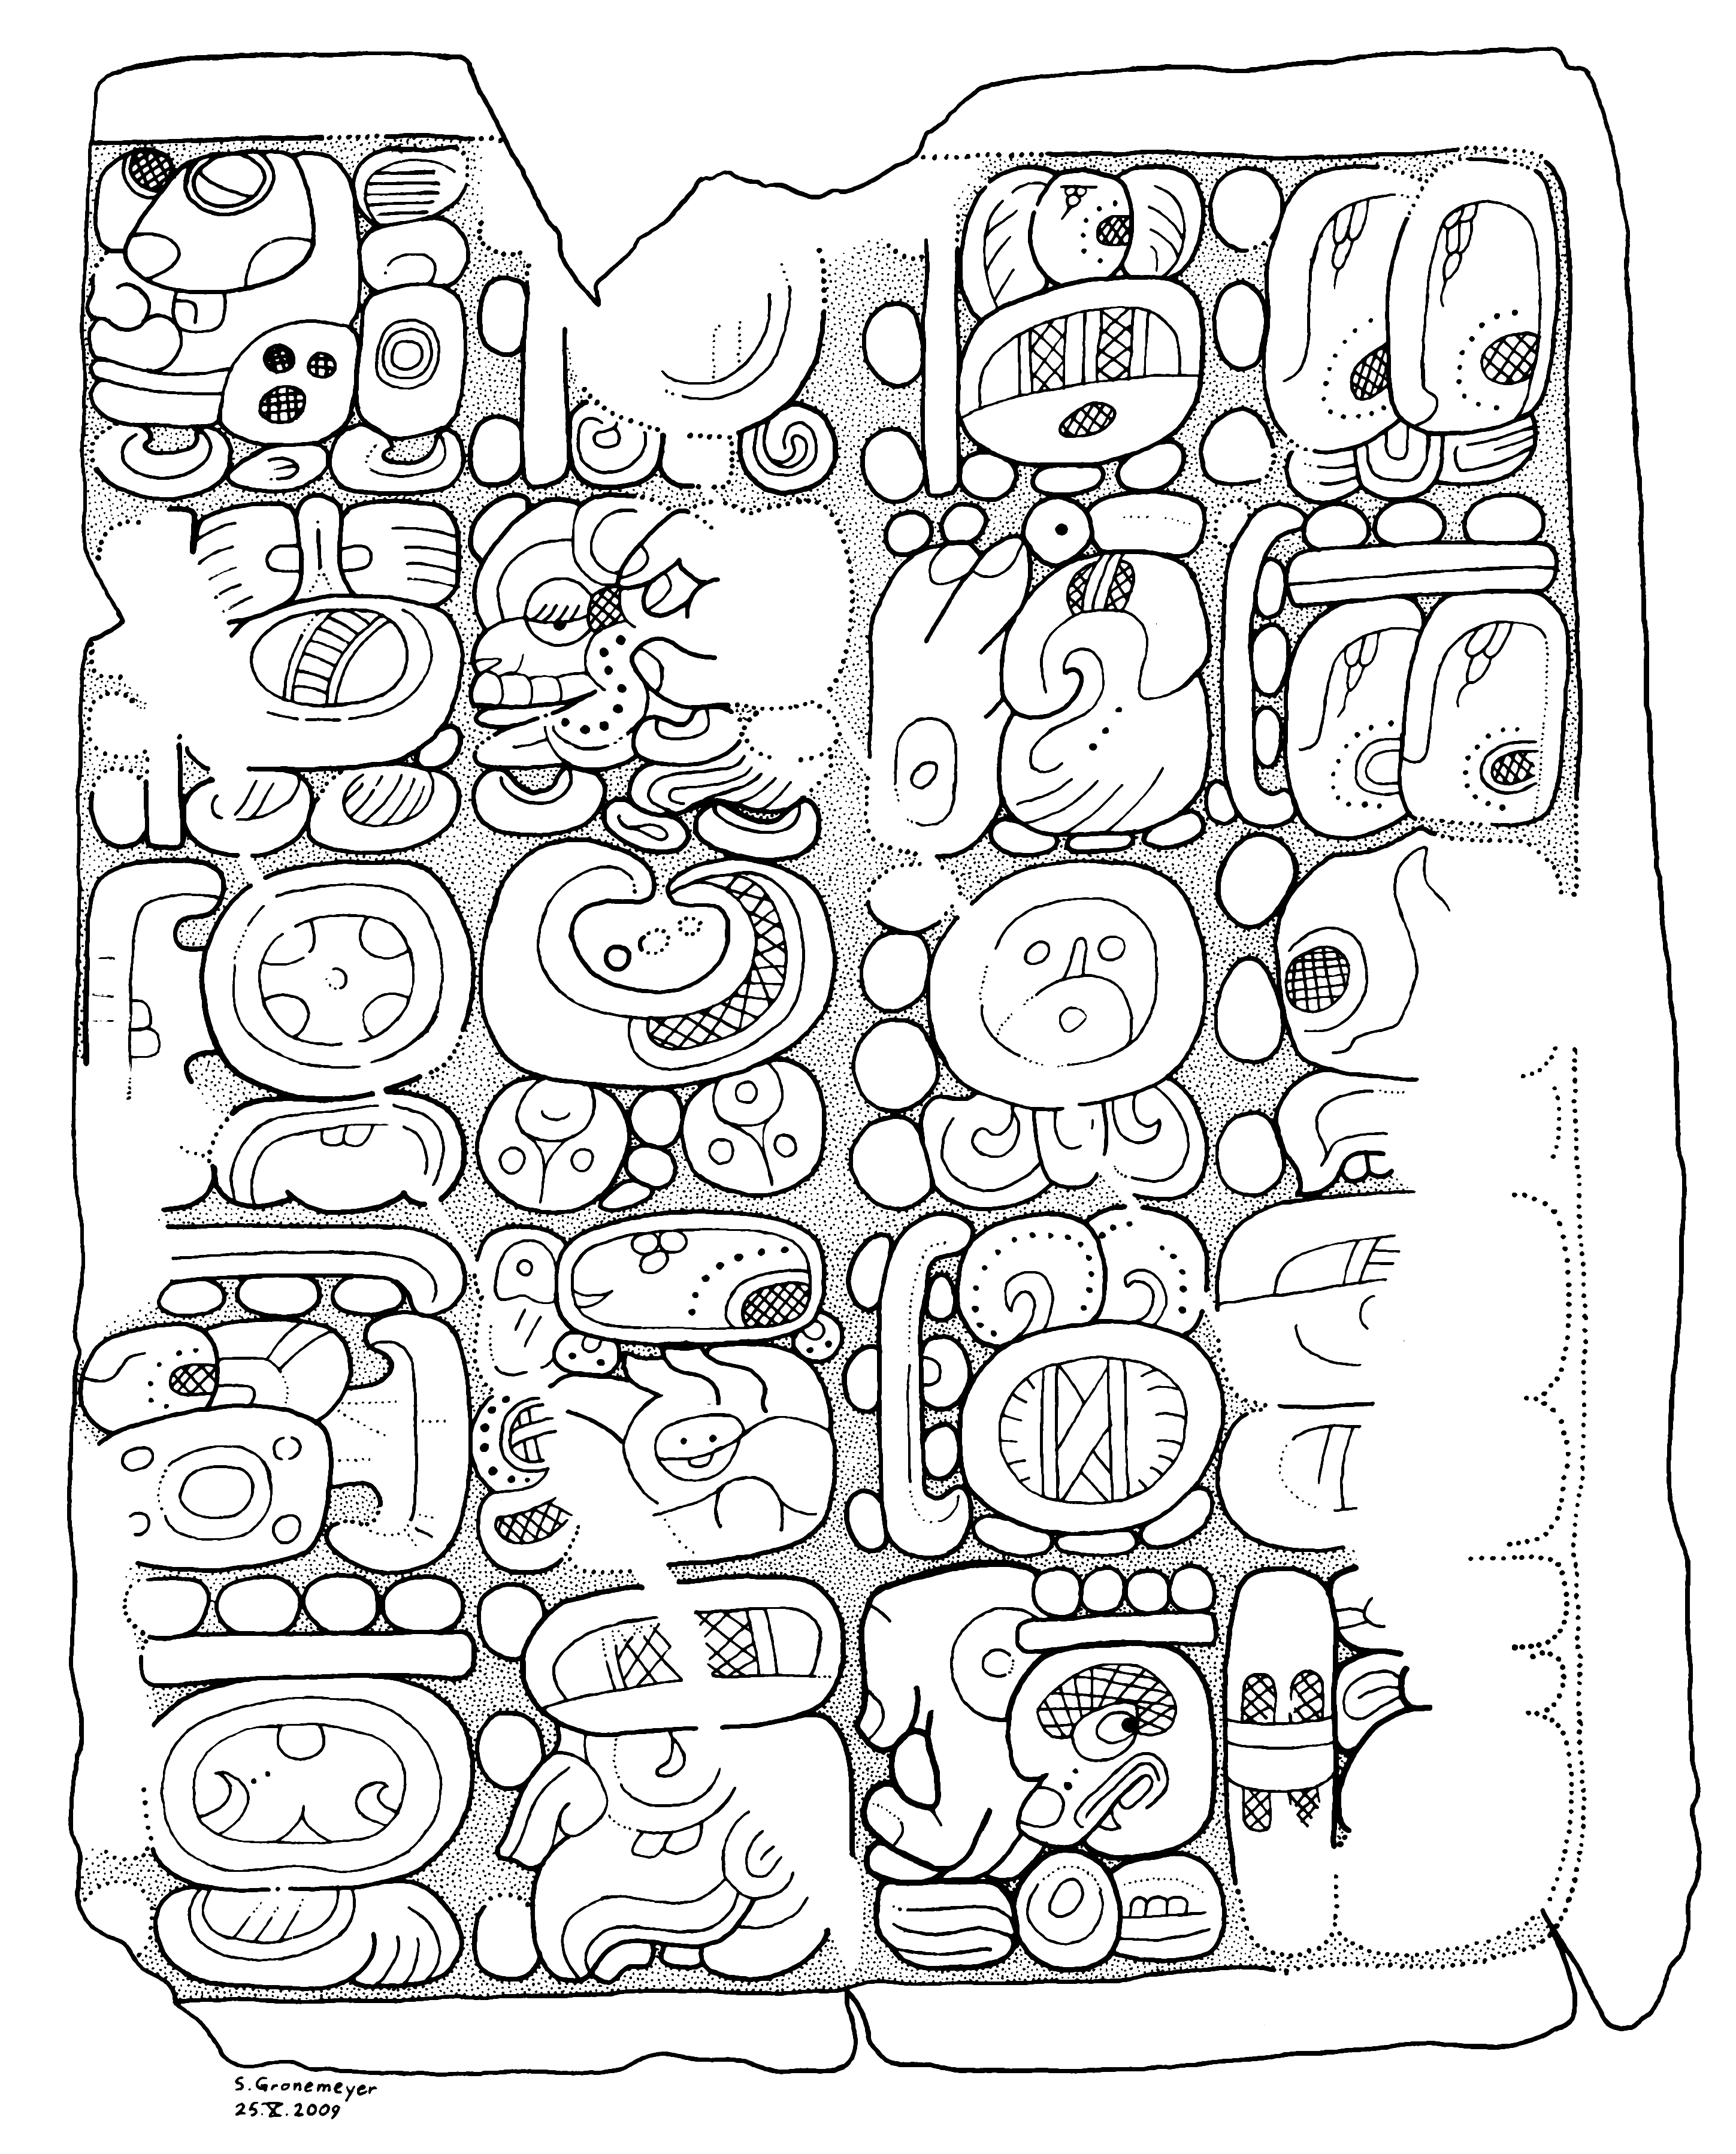 Aztec Indians   Mexico  Oaxaca State  Aztec indian dancer   Aztec     sisoftwaresandra ru tk